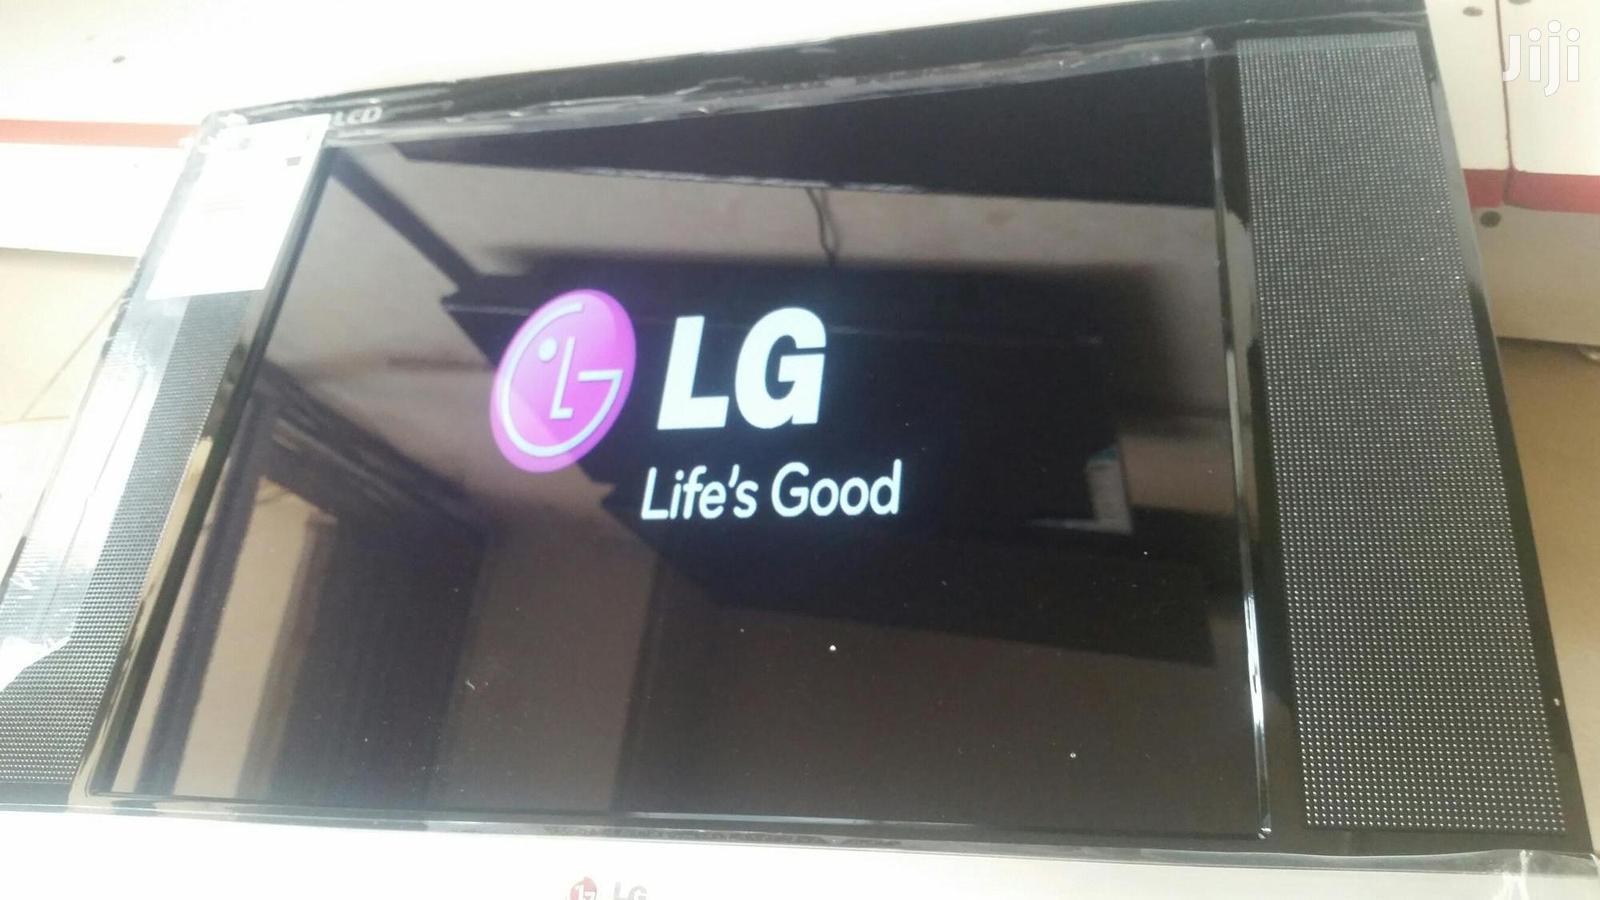 22 Inches Led LG TV Flatscreen